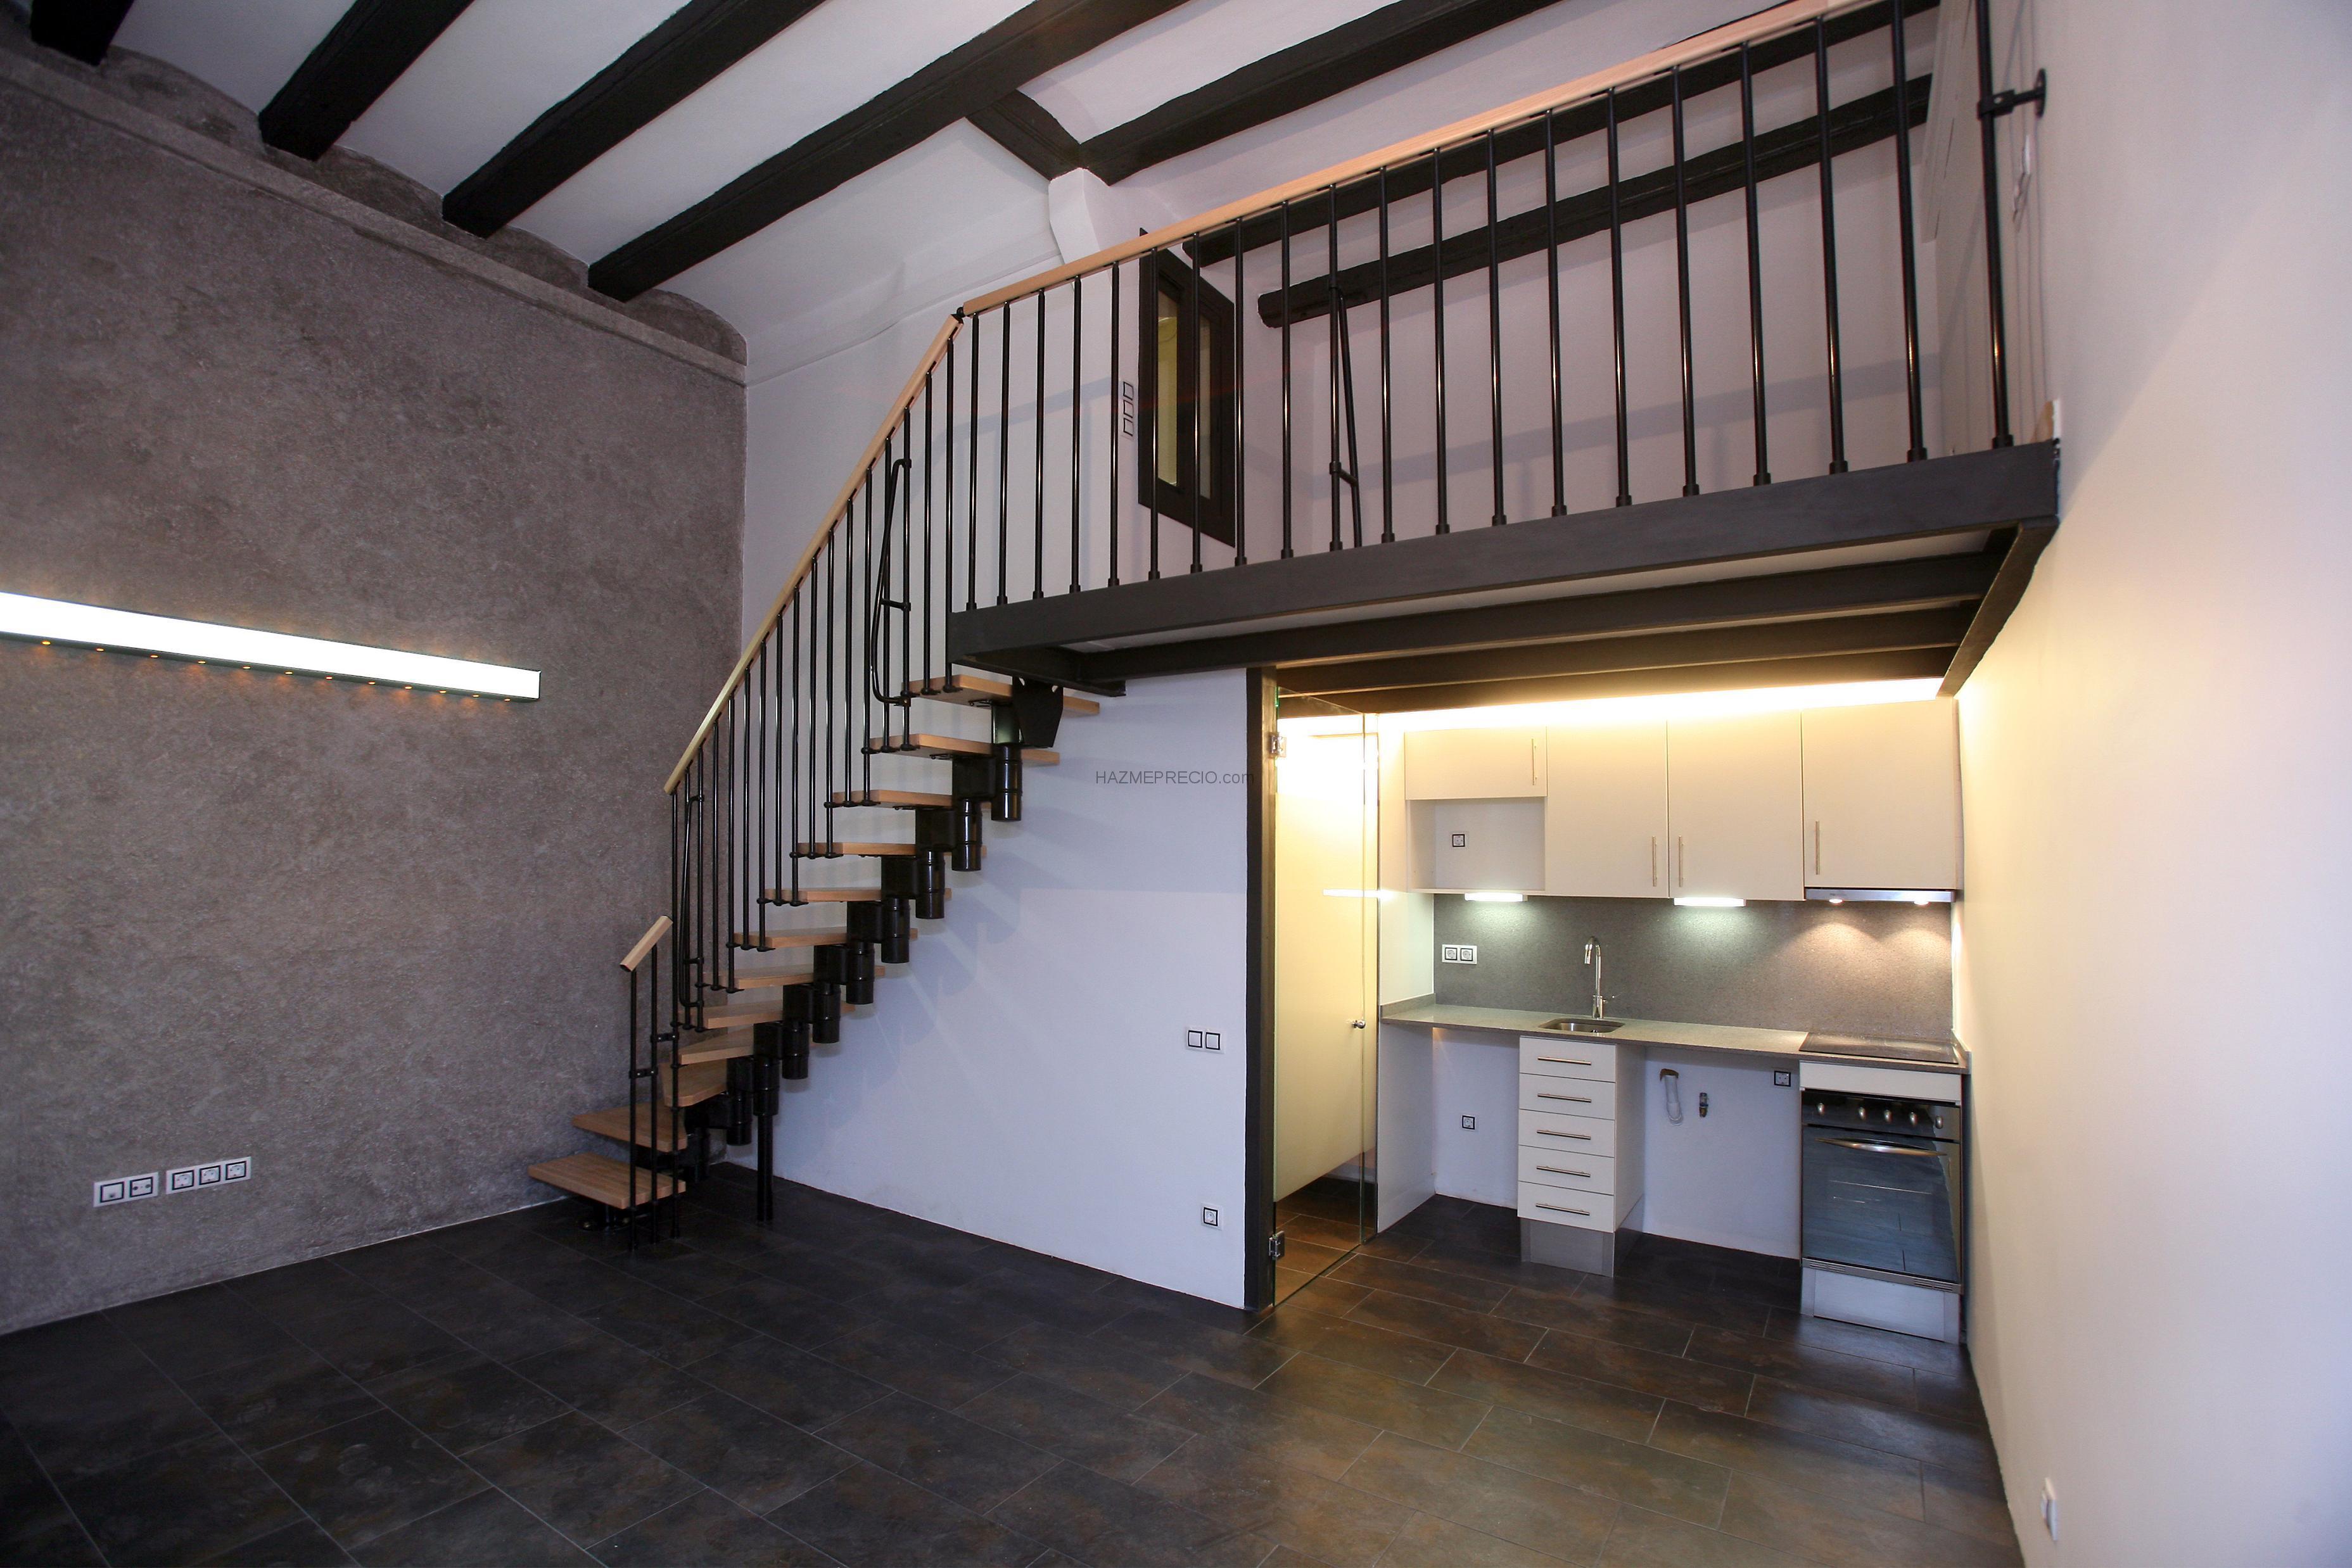 presupuesto para montar entreplanta en loft 50 m2